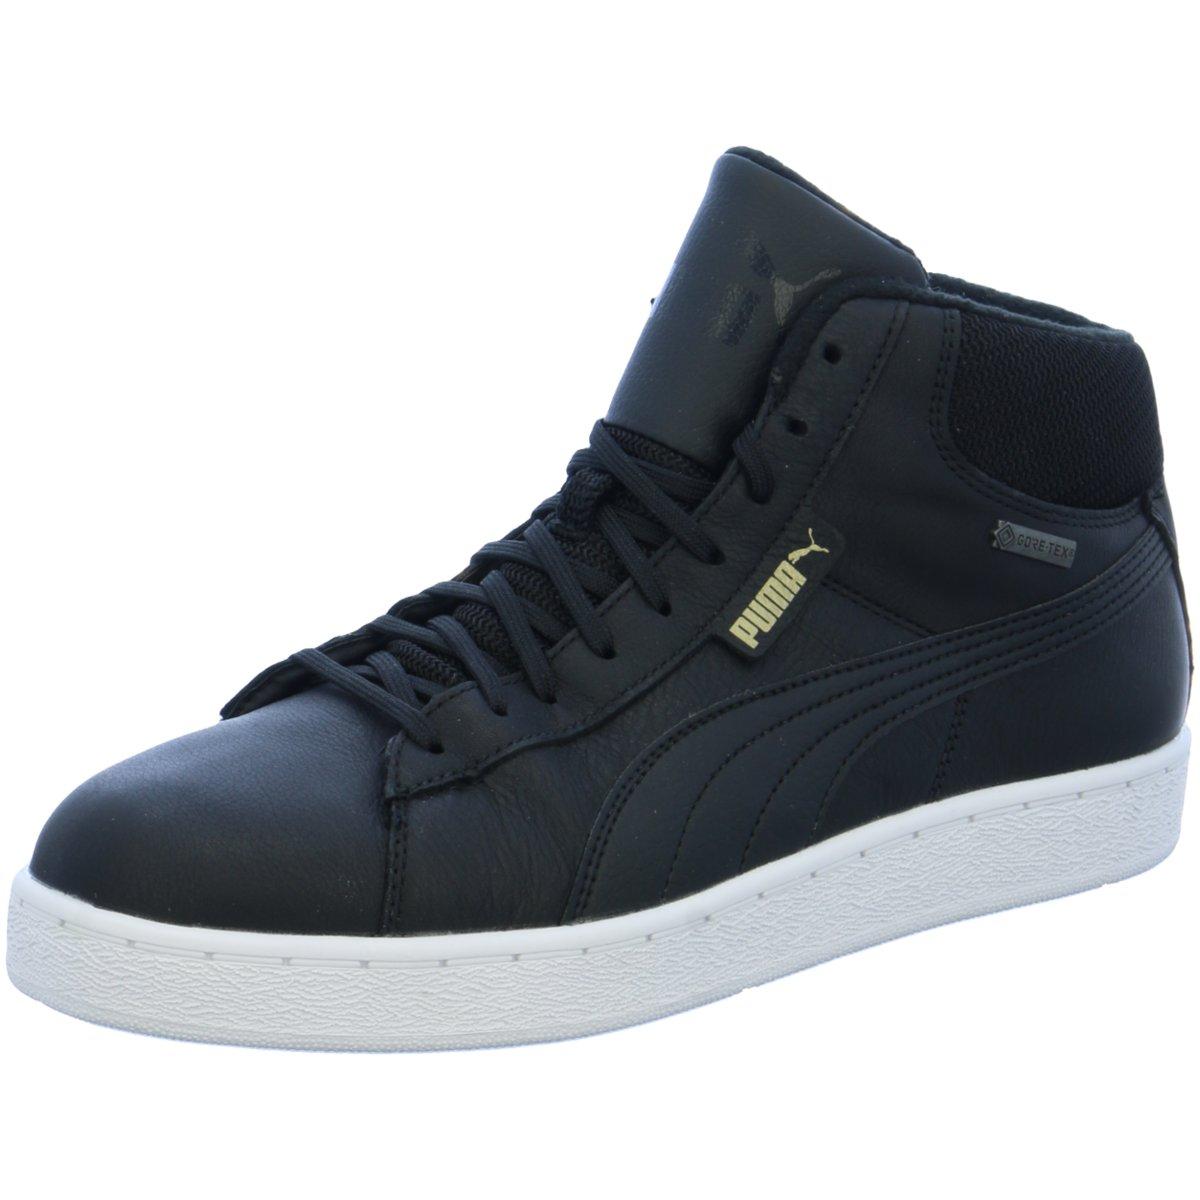 NEU Puma Herren Sneaker 1948 Mid Winter GTX Herren Outdoorschuhe schwarz